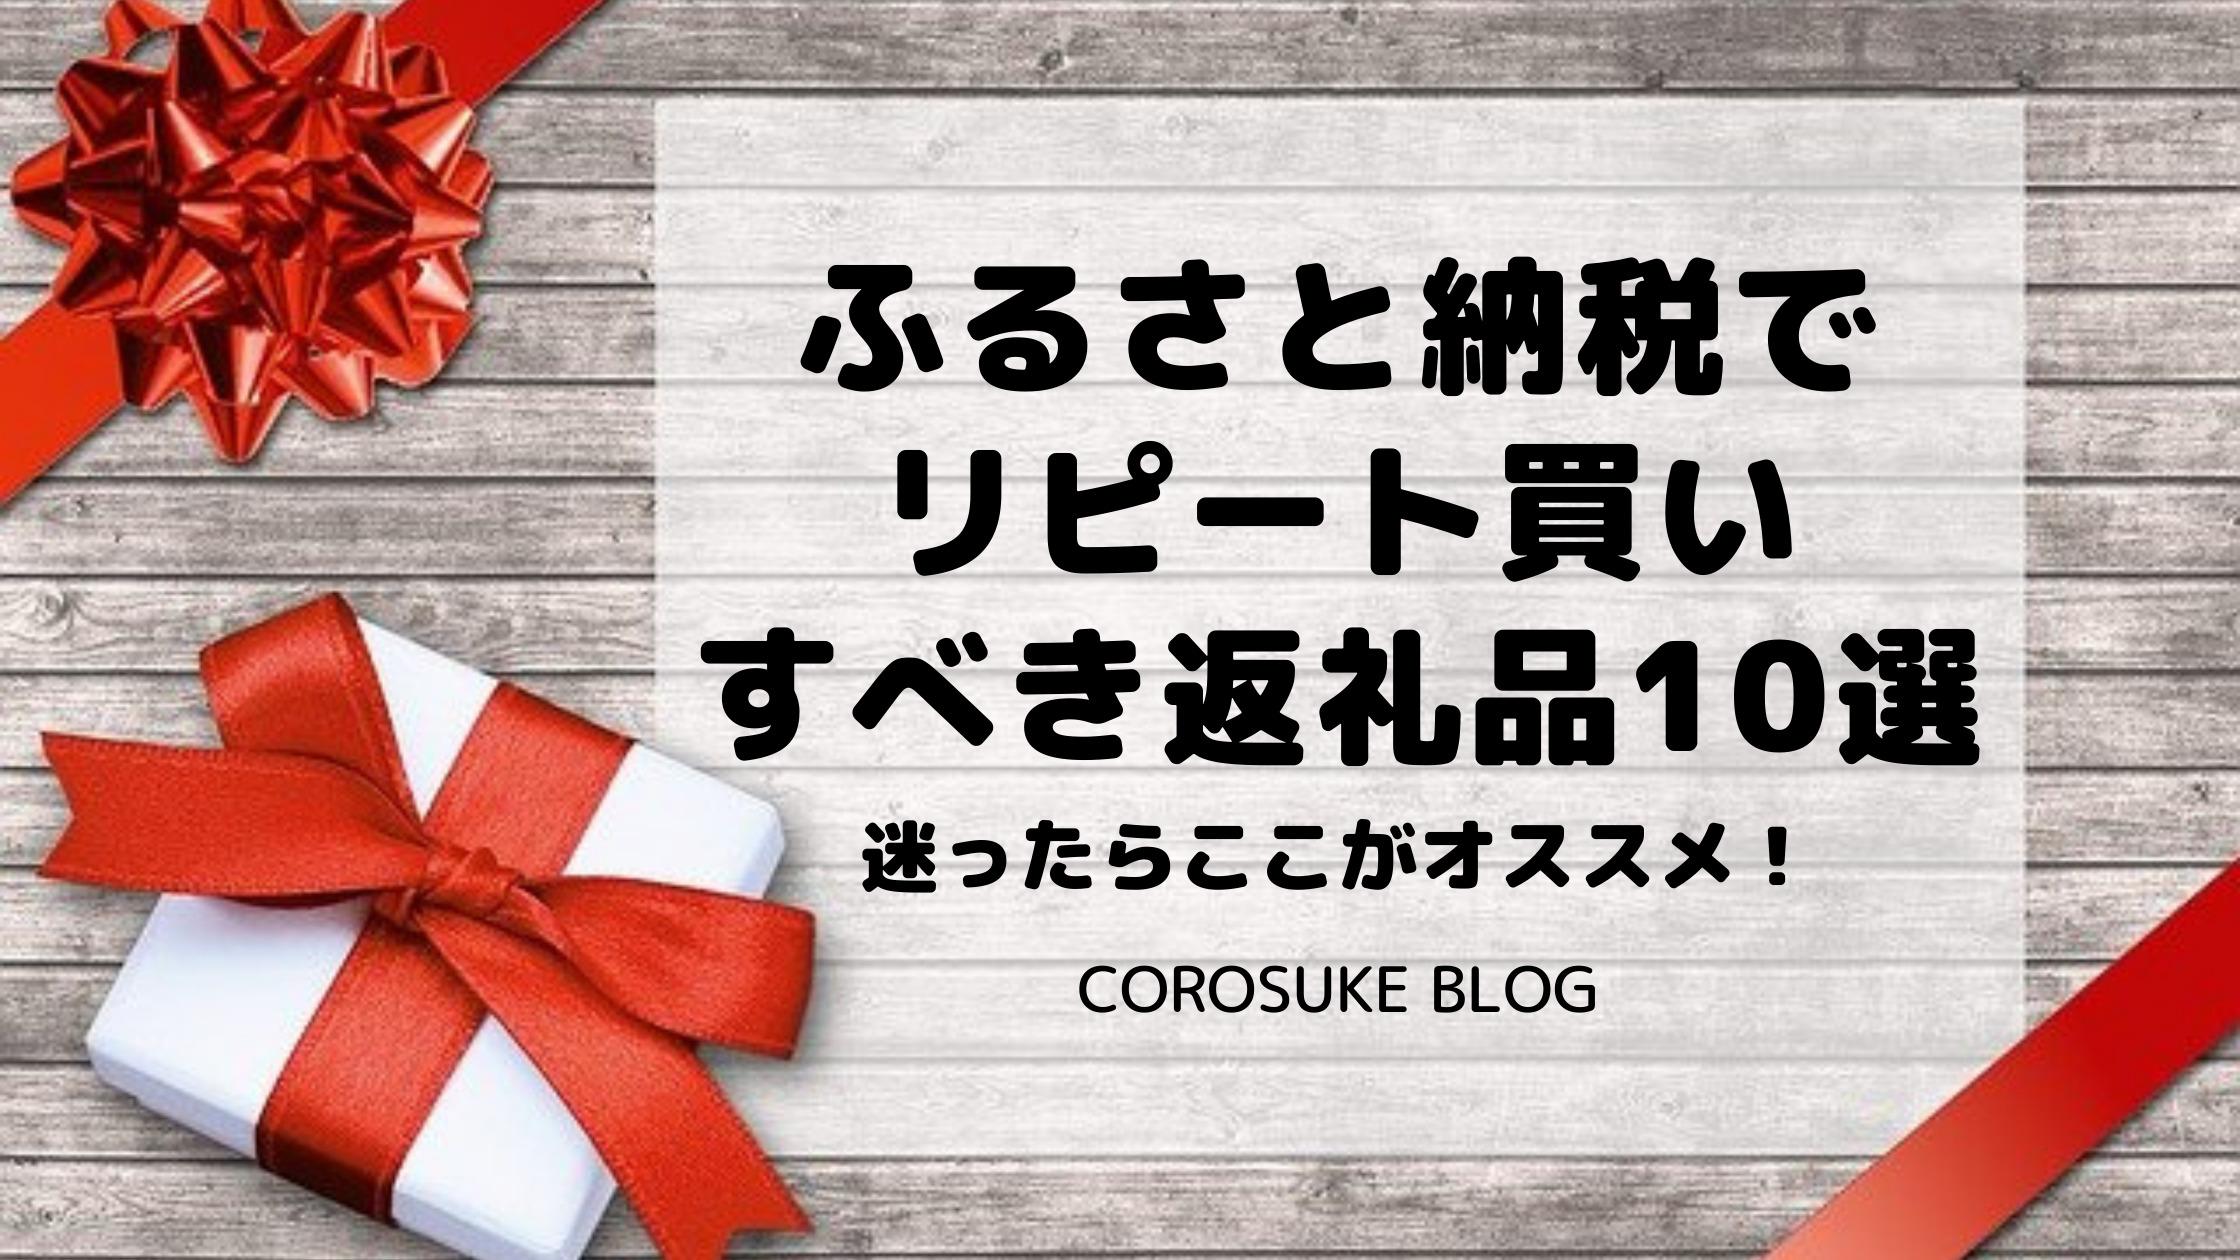 ふるさと納税でリピート買いすべき返礼品10選をブログで詳しく紹介